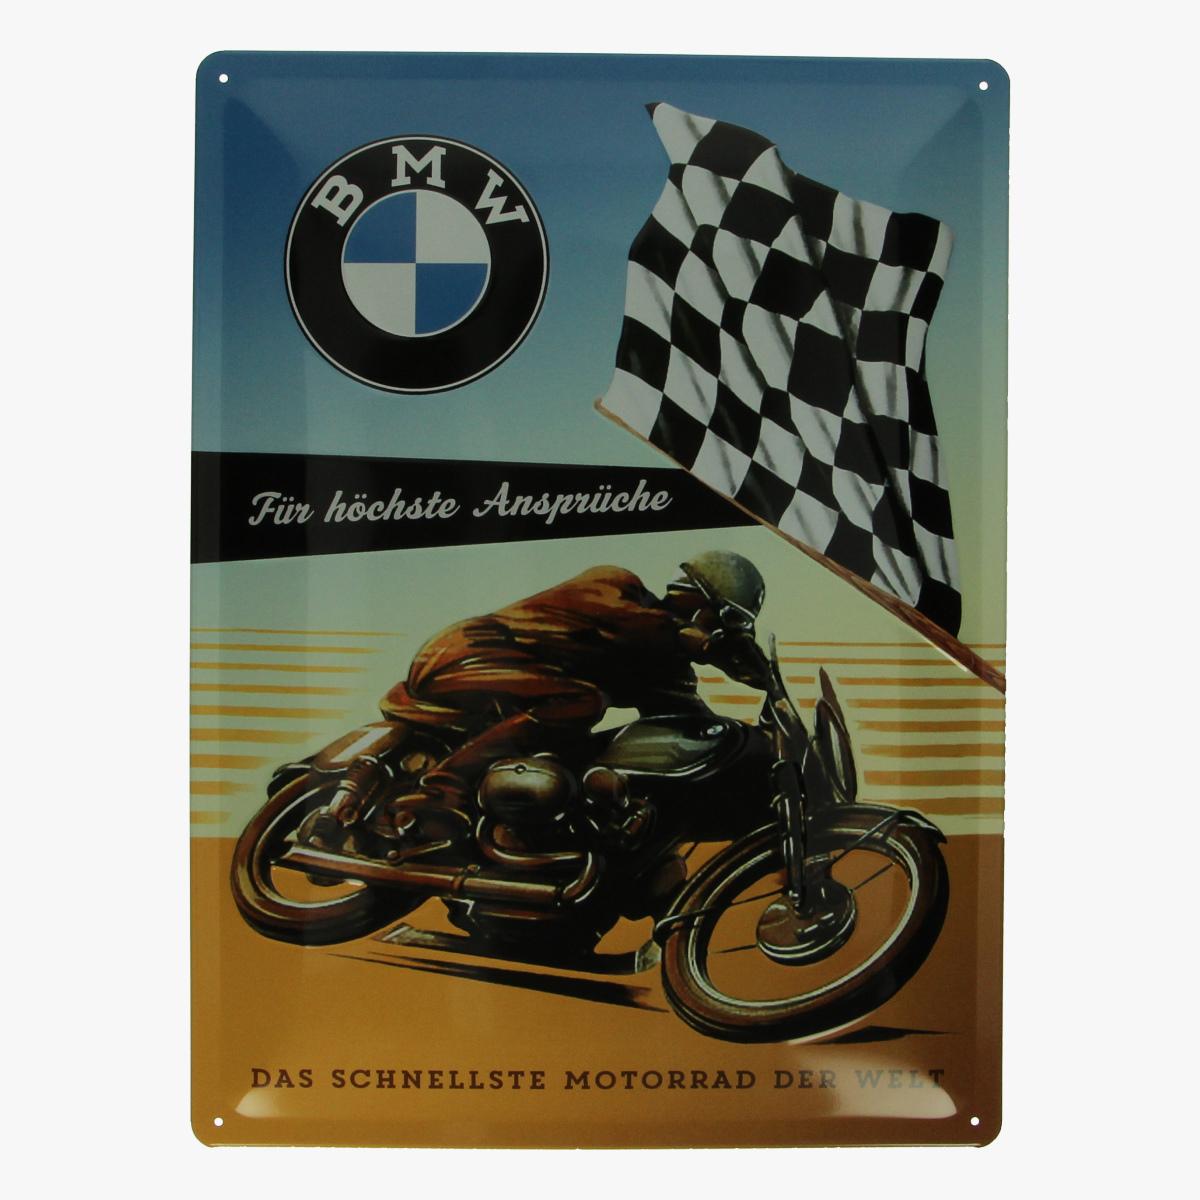 Afbeeldingen van blikken bord BMW motor repro